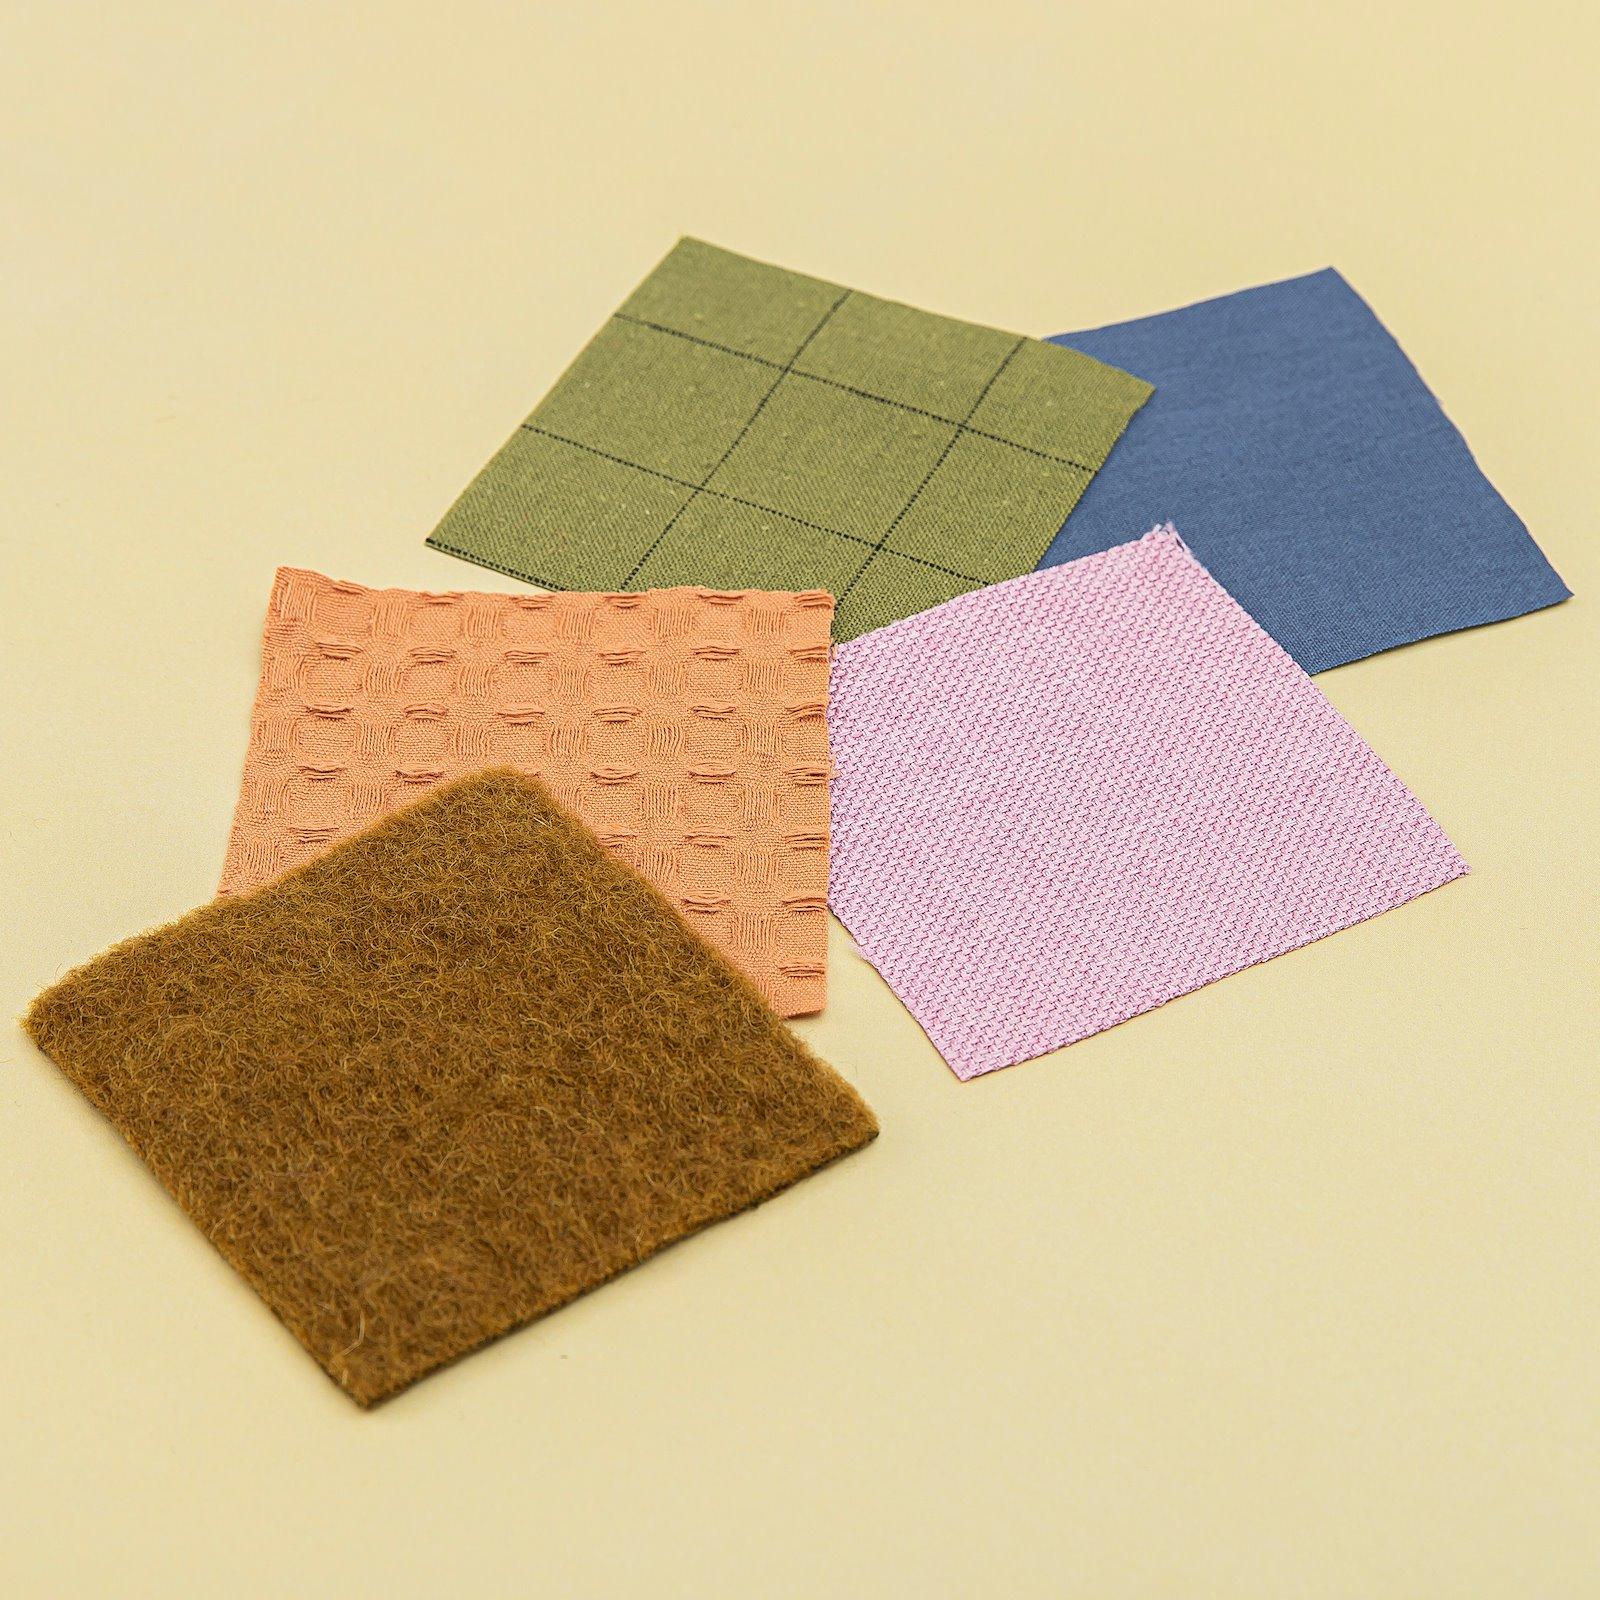 Wool felt olive green melange 816221_780544_501729_824164_310356_bundle